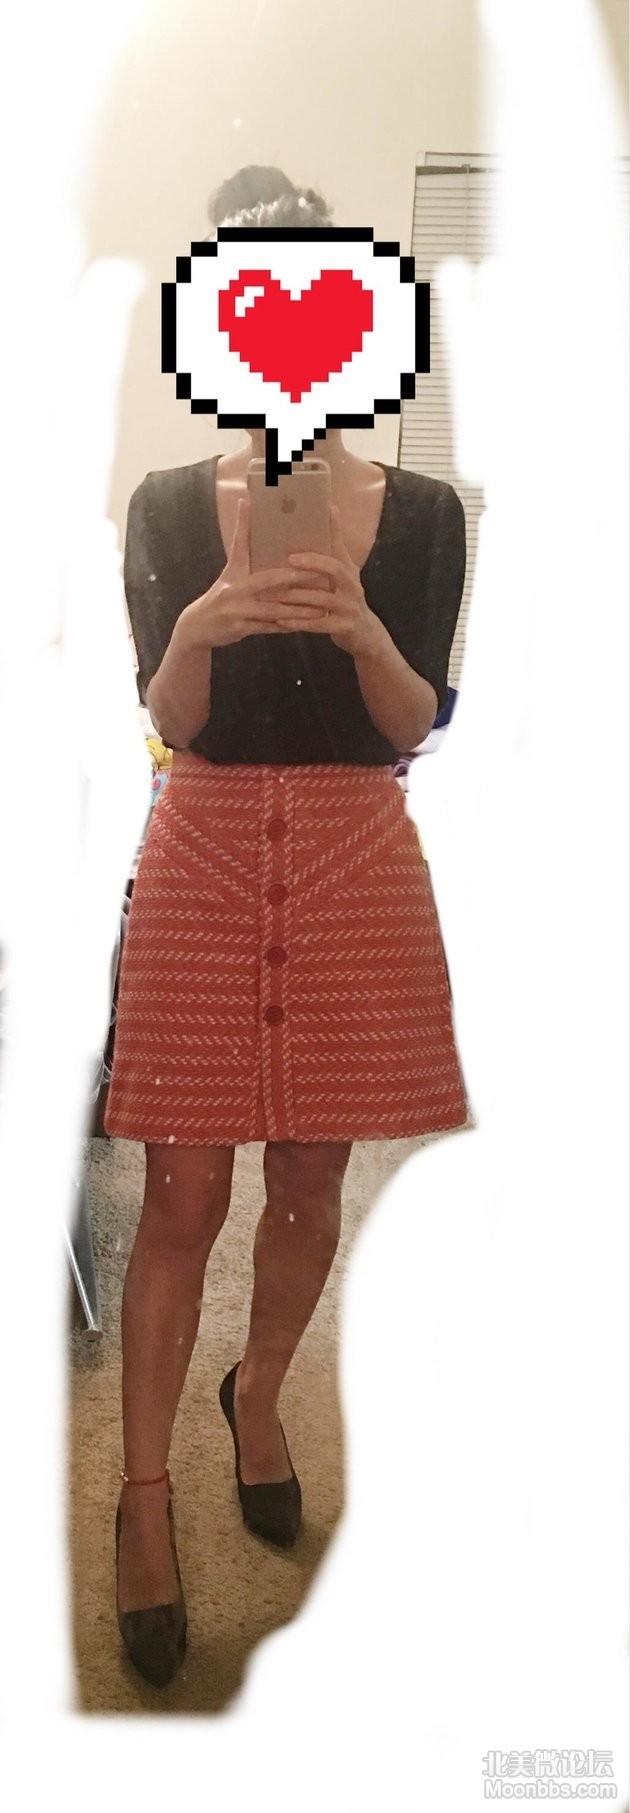 Maje半裙上身图